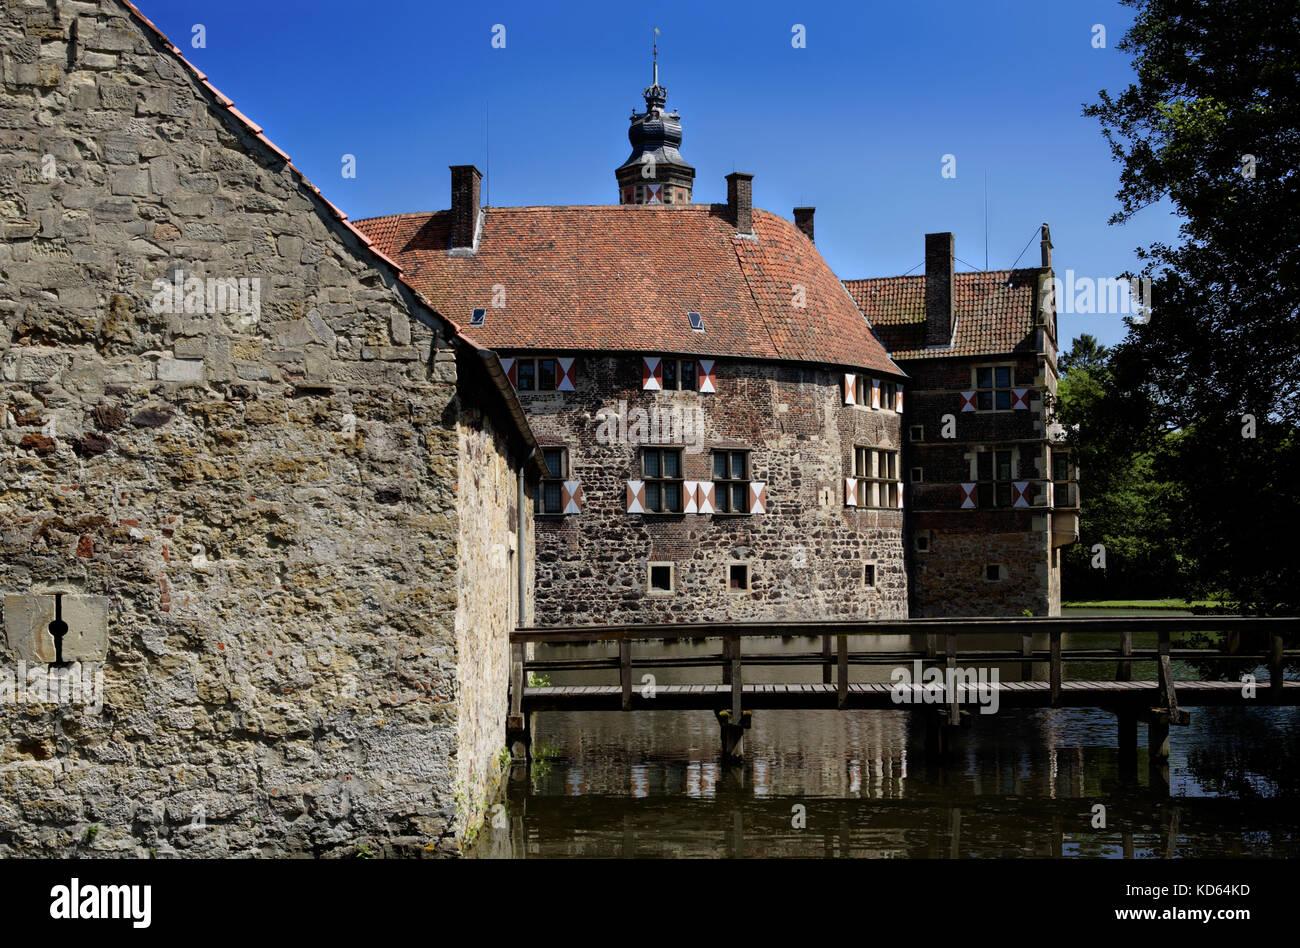 Water castle Vischering, Lüdinghausen, Luedinghausen, North Rhine-Westphalia, Germany - Stock Image